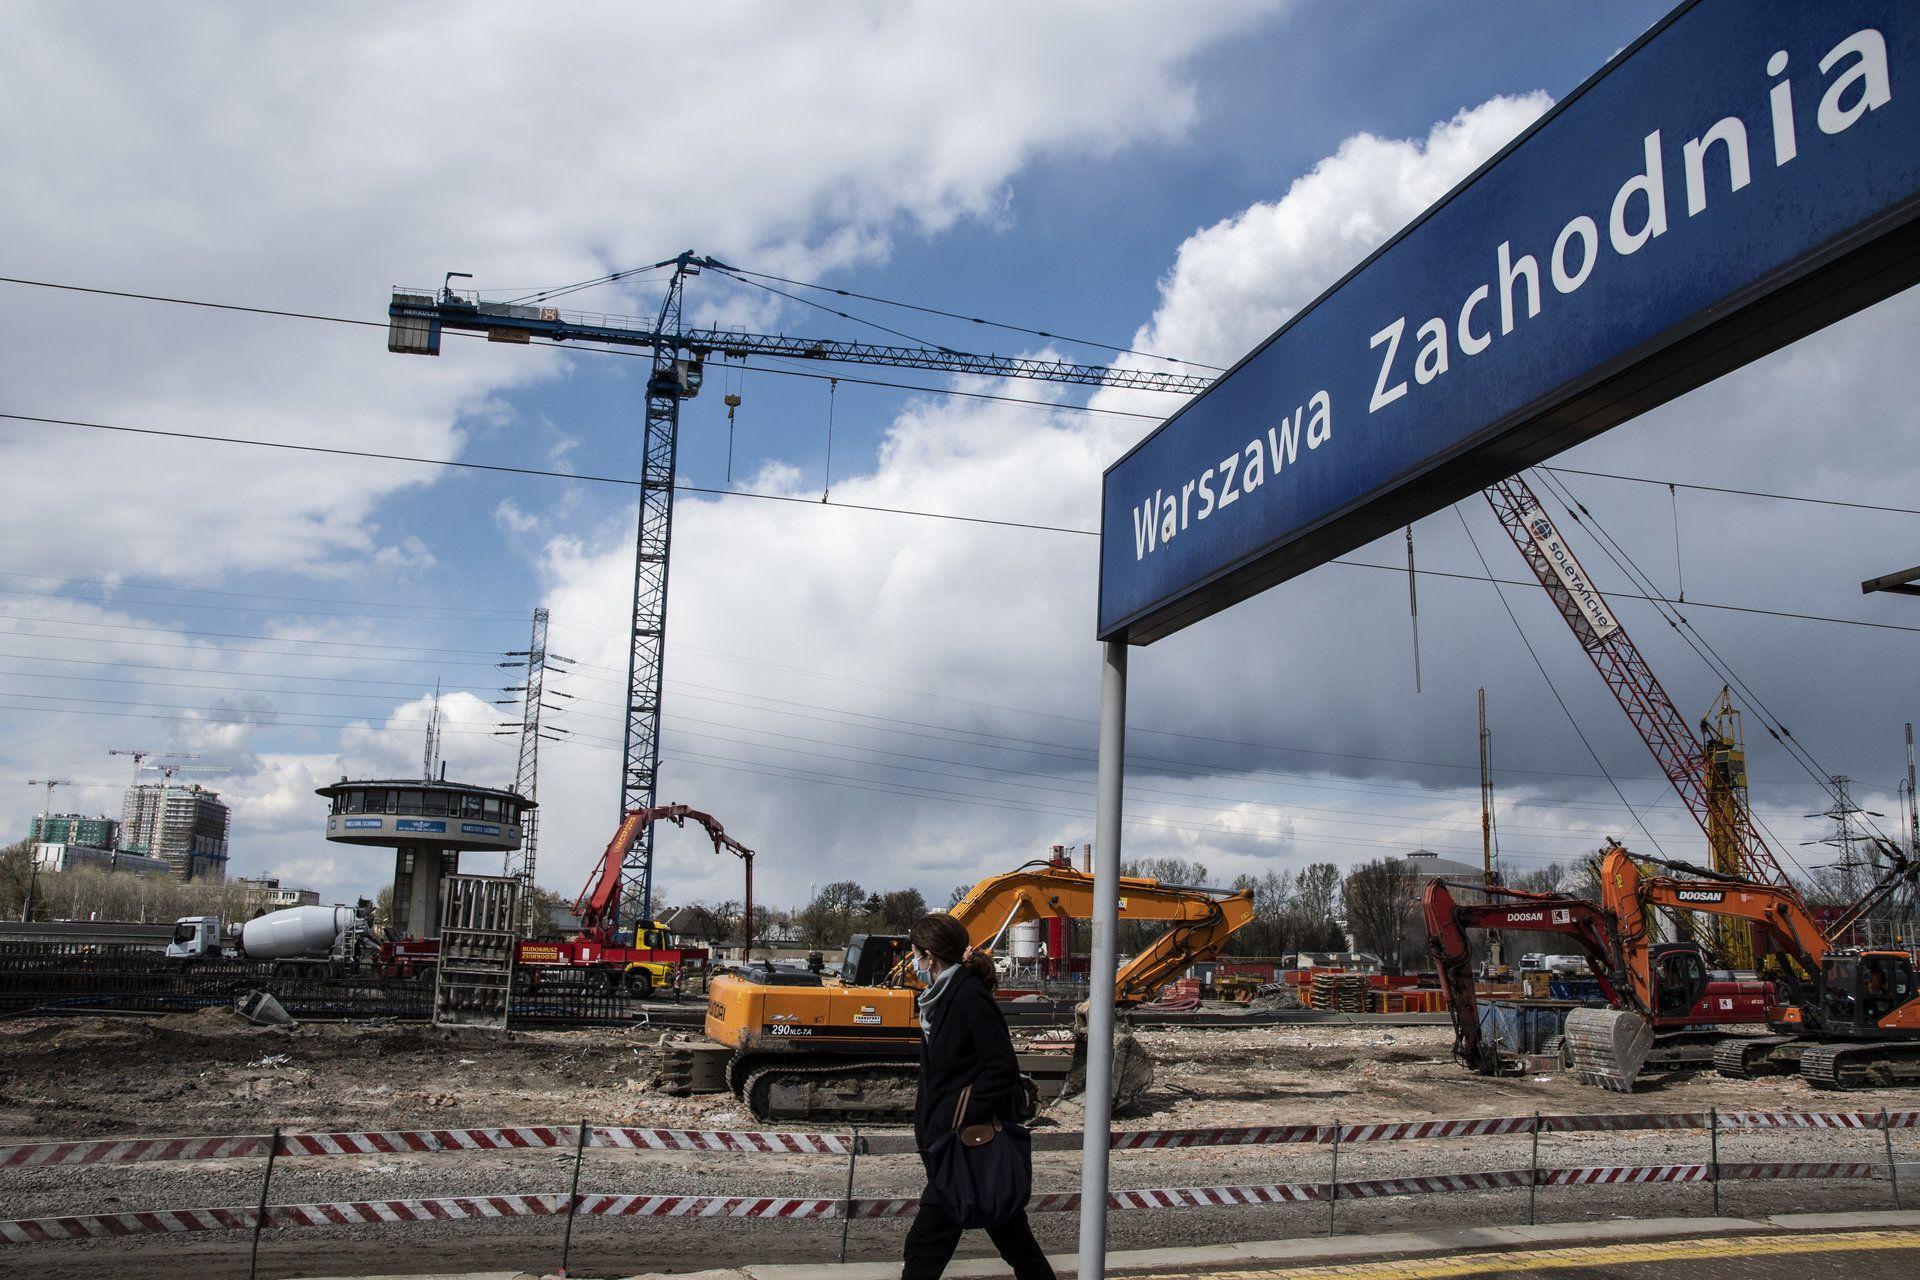 Trwają prace przy przebudowie stacji kolejowej Warszawa Zachodnia [FILM]